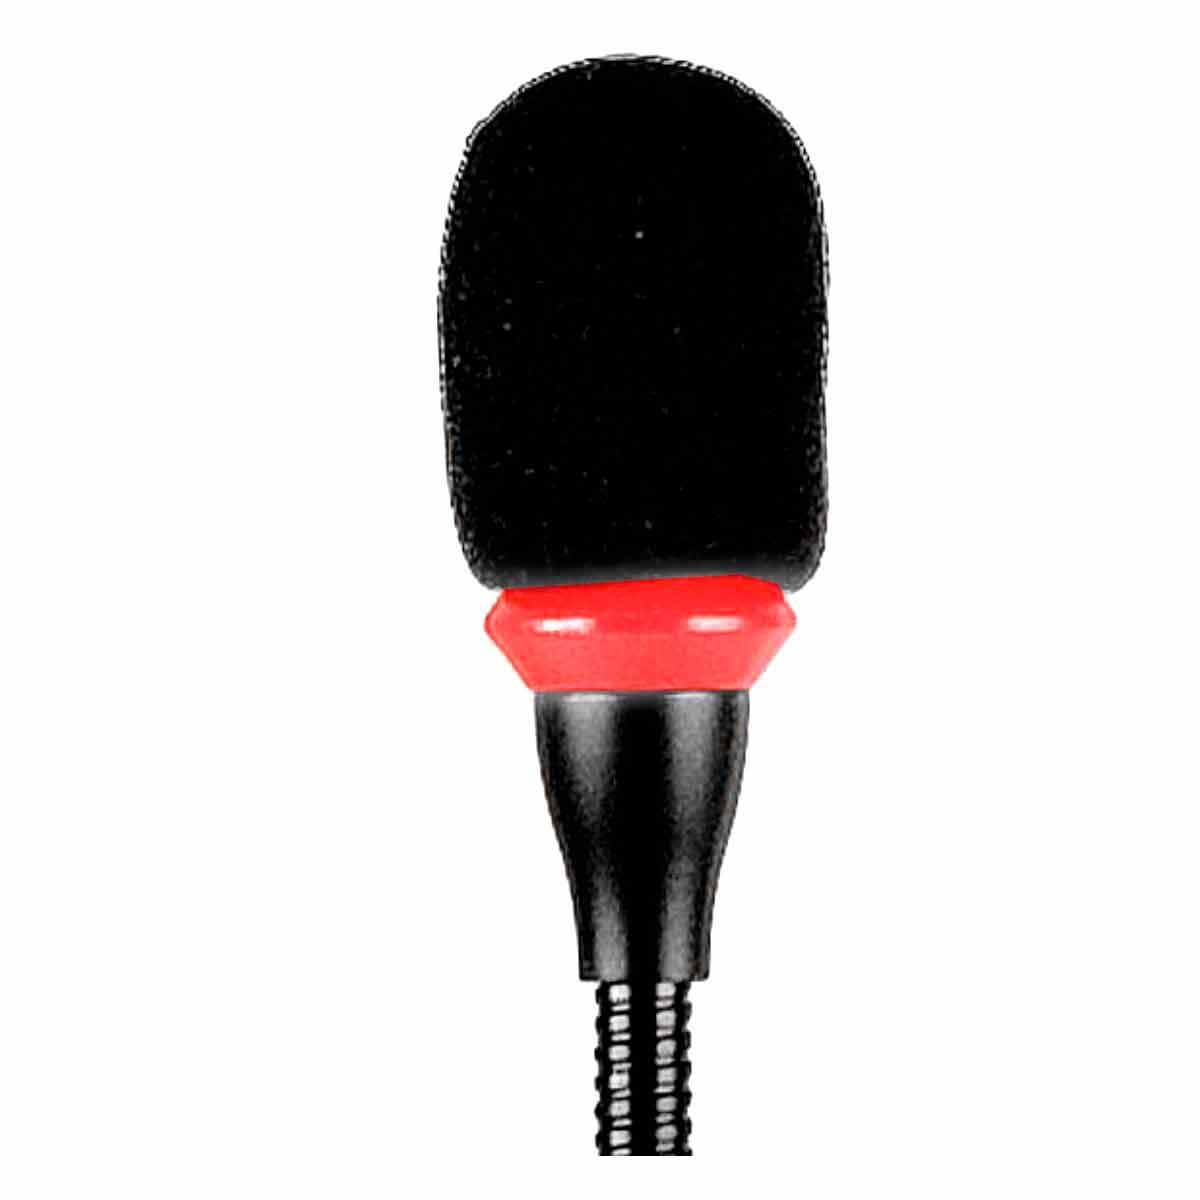 Microfofone Gooseneck GN 260 - TSI